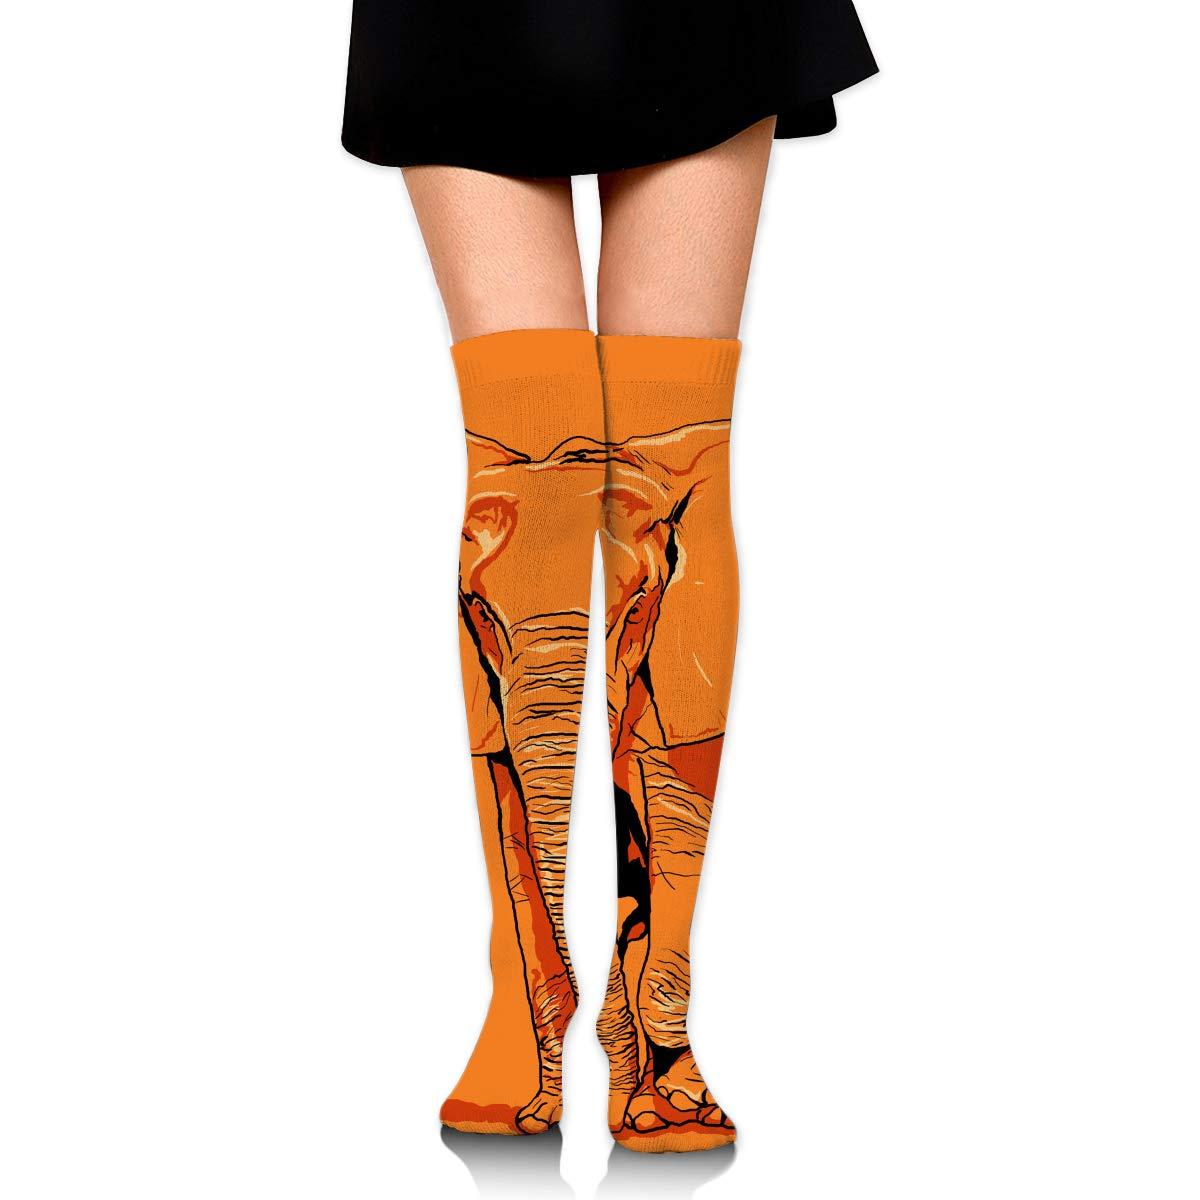 High Elasticity Girl Cotton Knee High Socks Uniform Orange Elephant Women Tube Socks